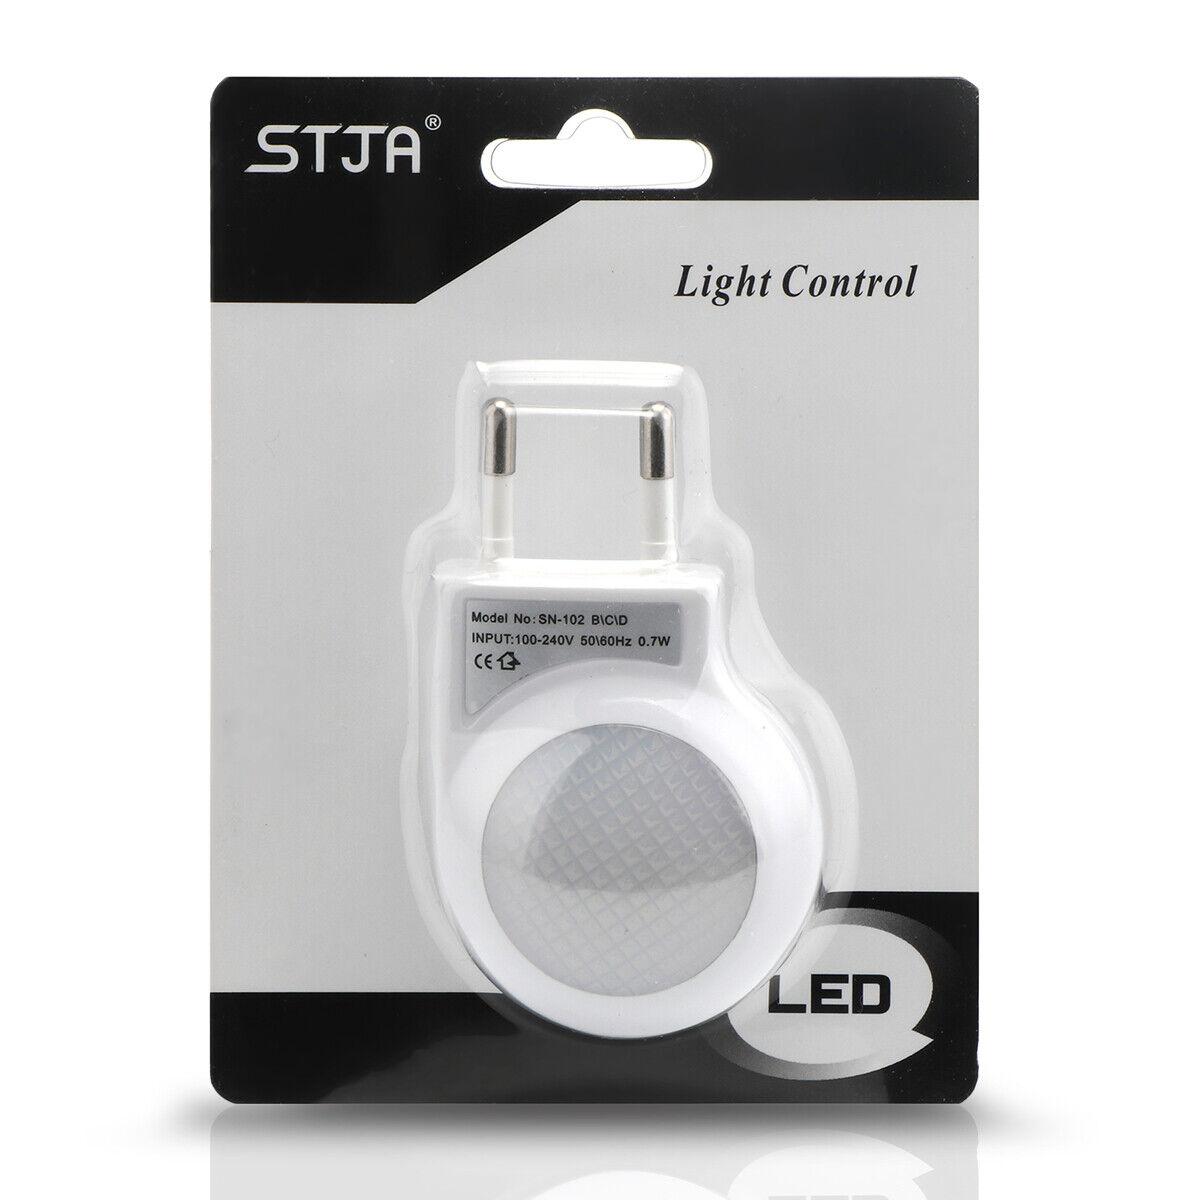 LED Nachtlicht Notlicht EU Steckdose Lichtsensorsteuerung Nachtlampe Beleuchtung